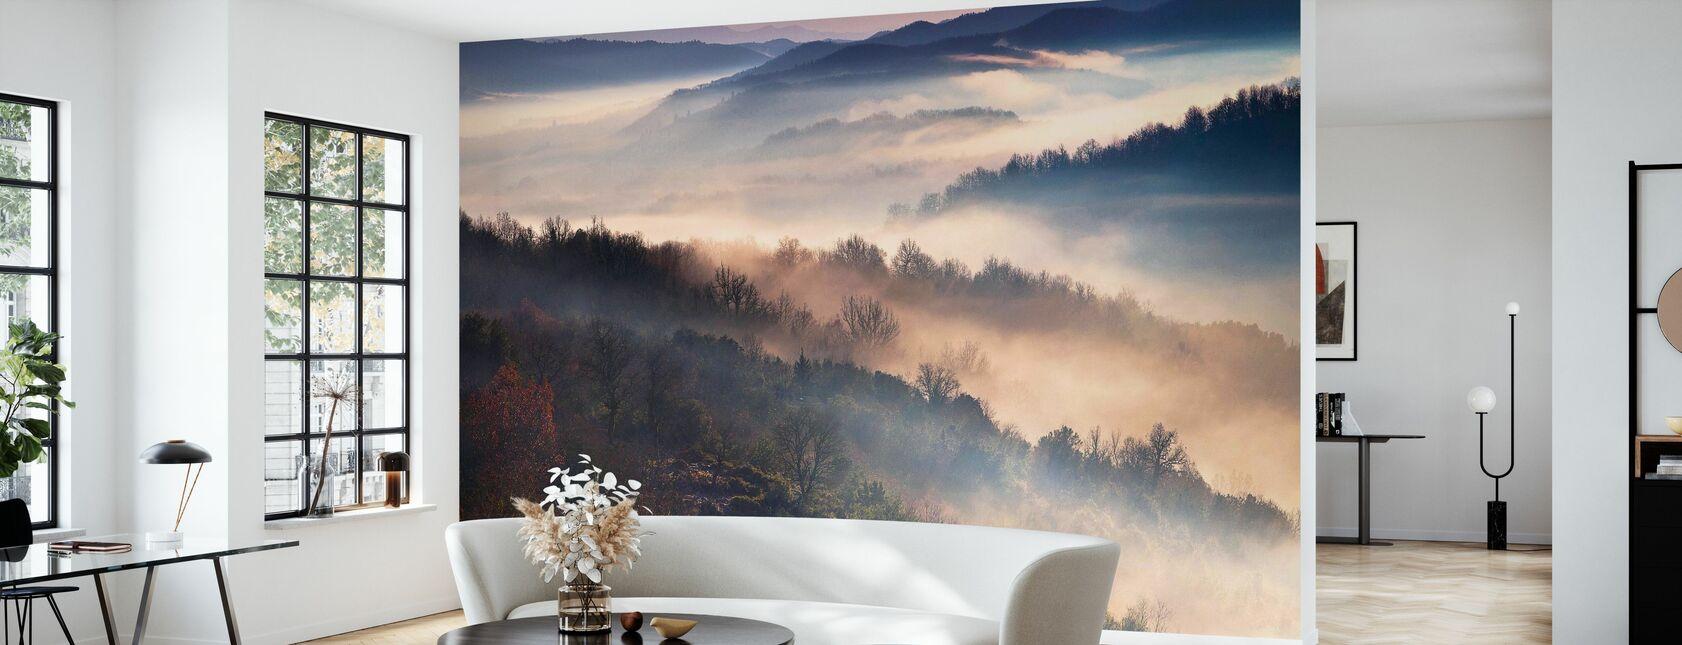 Montagnes brumeuses - Papier peint - Salle à manger